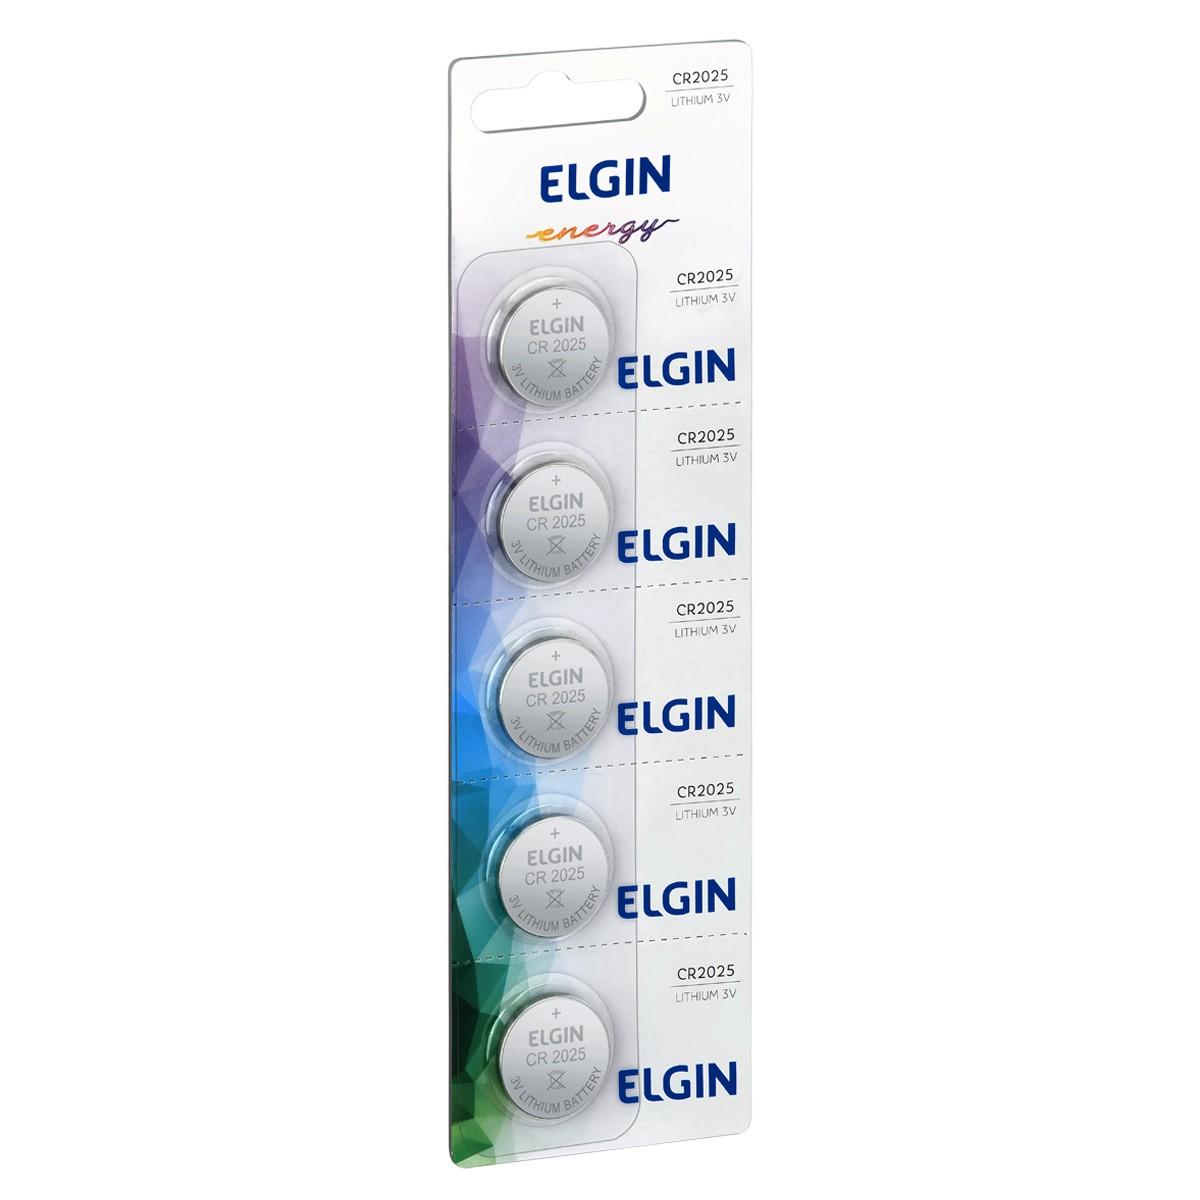 40 Baterias Pilhas Lithium 3V Elgin CR2025 8 cartela